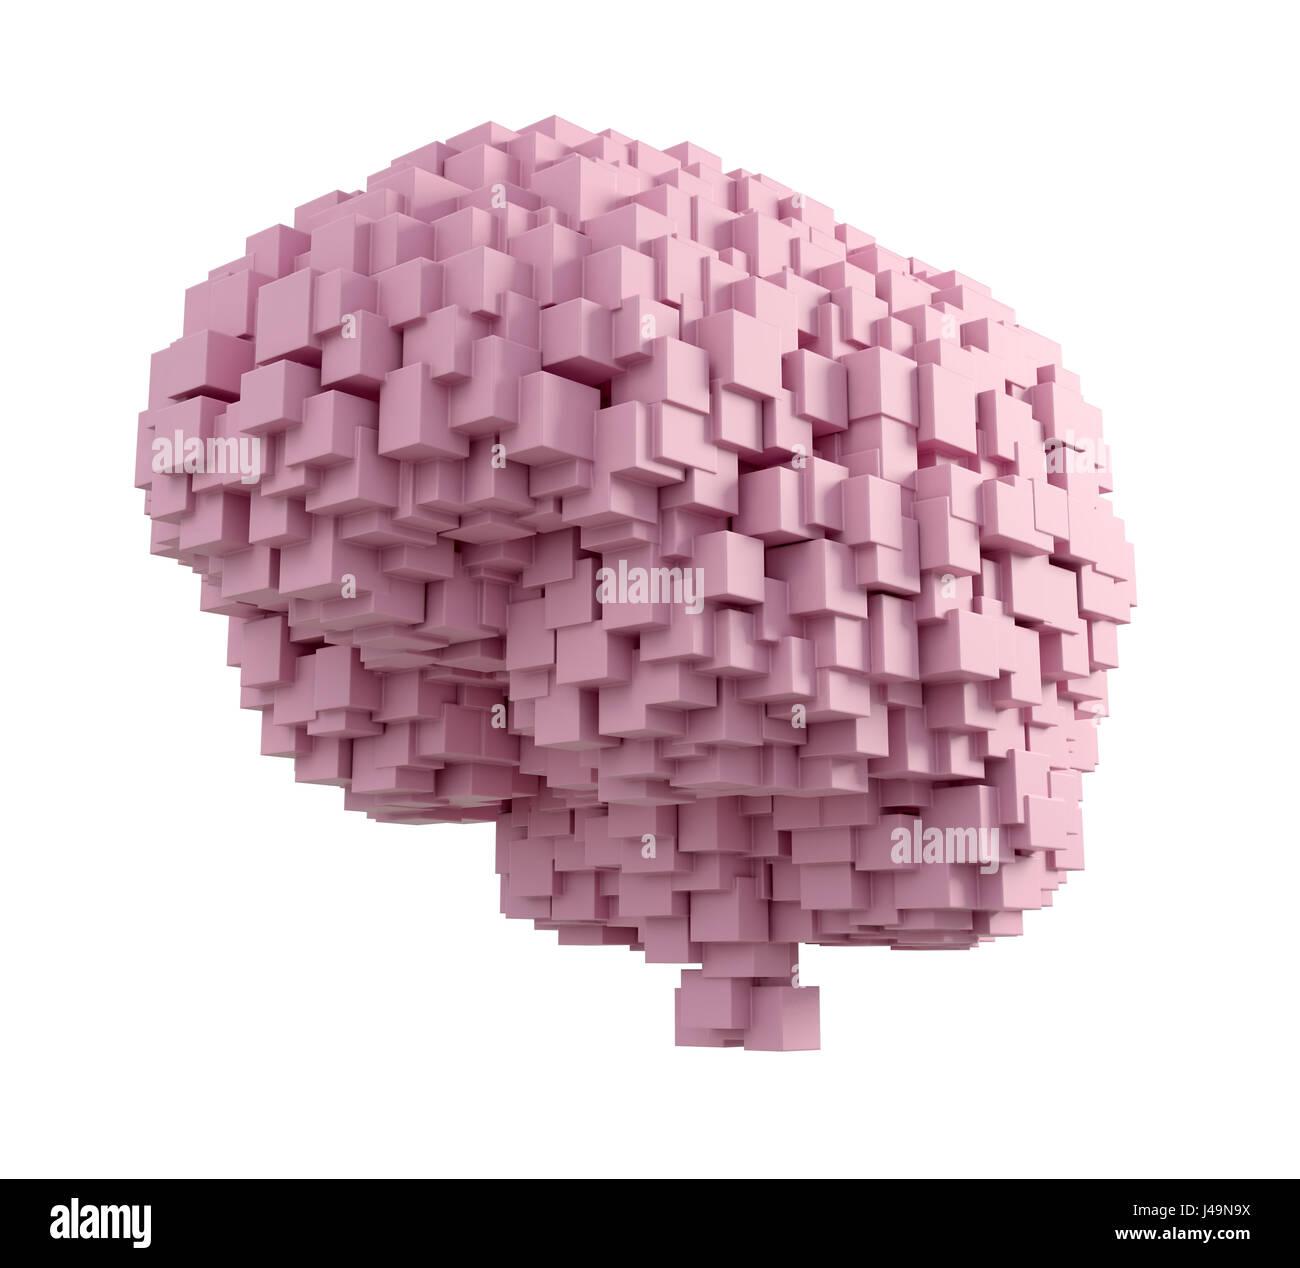 Menschliche Gehirn - Intelligenz und Gedächtnis Konzept 3D illustration Stockbild